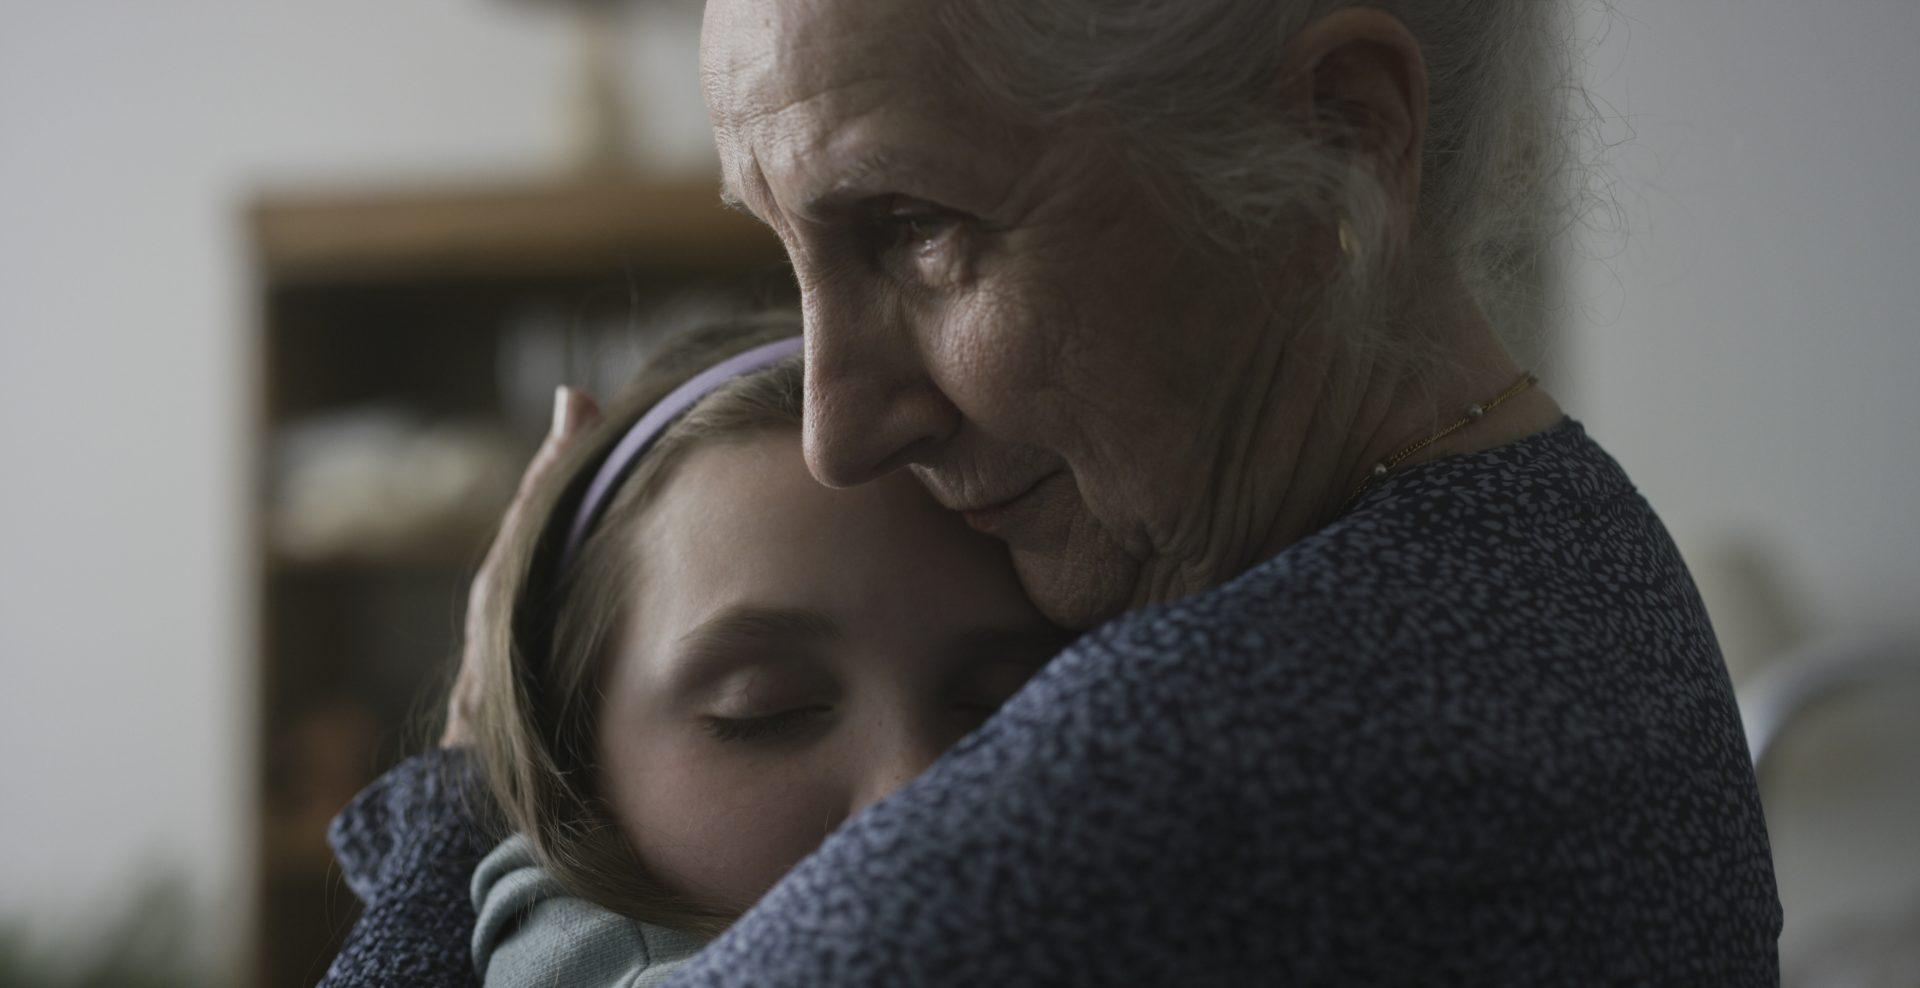 Claire et les vieux, vent de jeunesse dans une résidence sur Unis TV